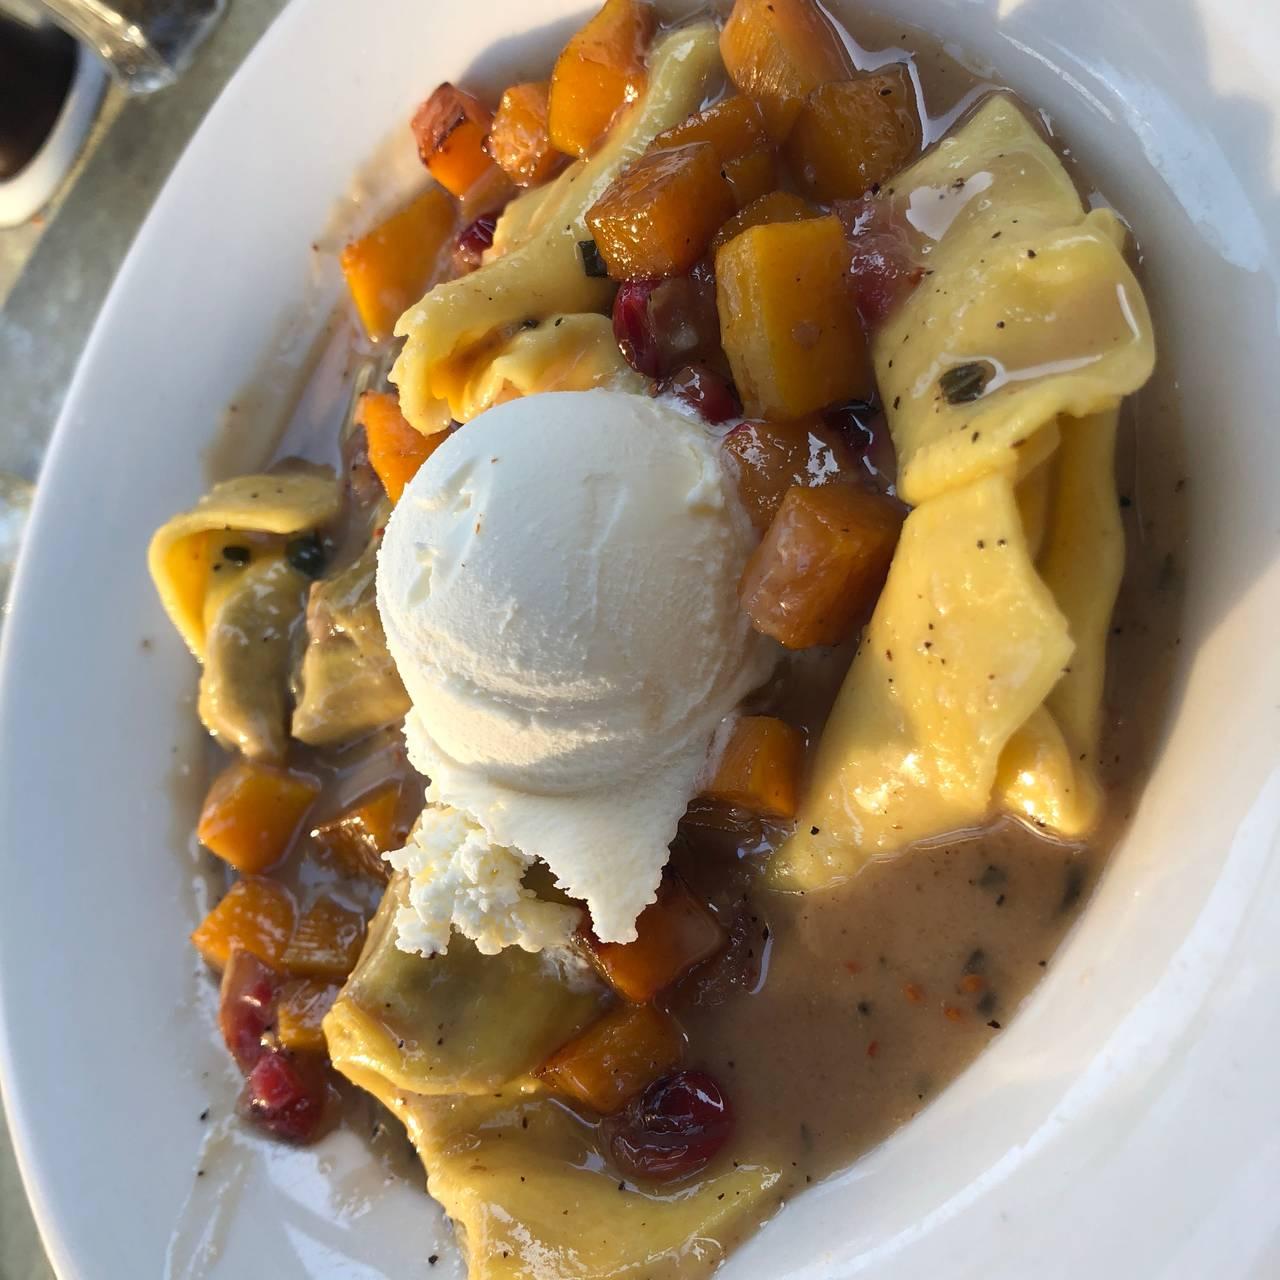 Tavolino - Foxborough Restaurant - Foxboro, MA | OpenTable